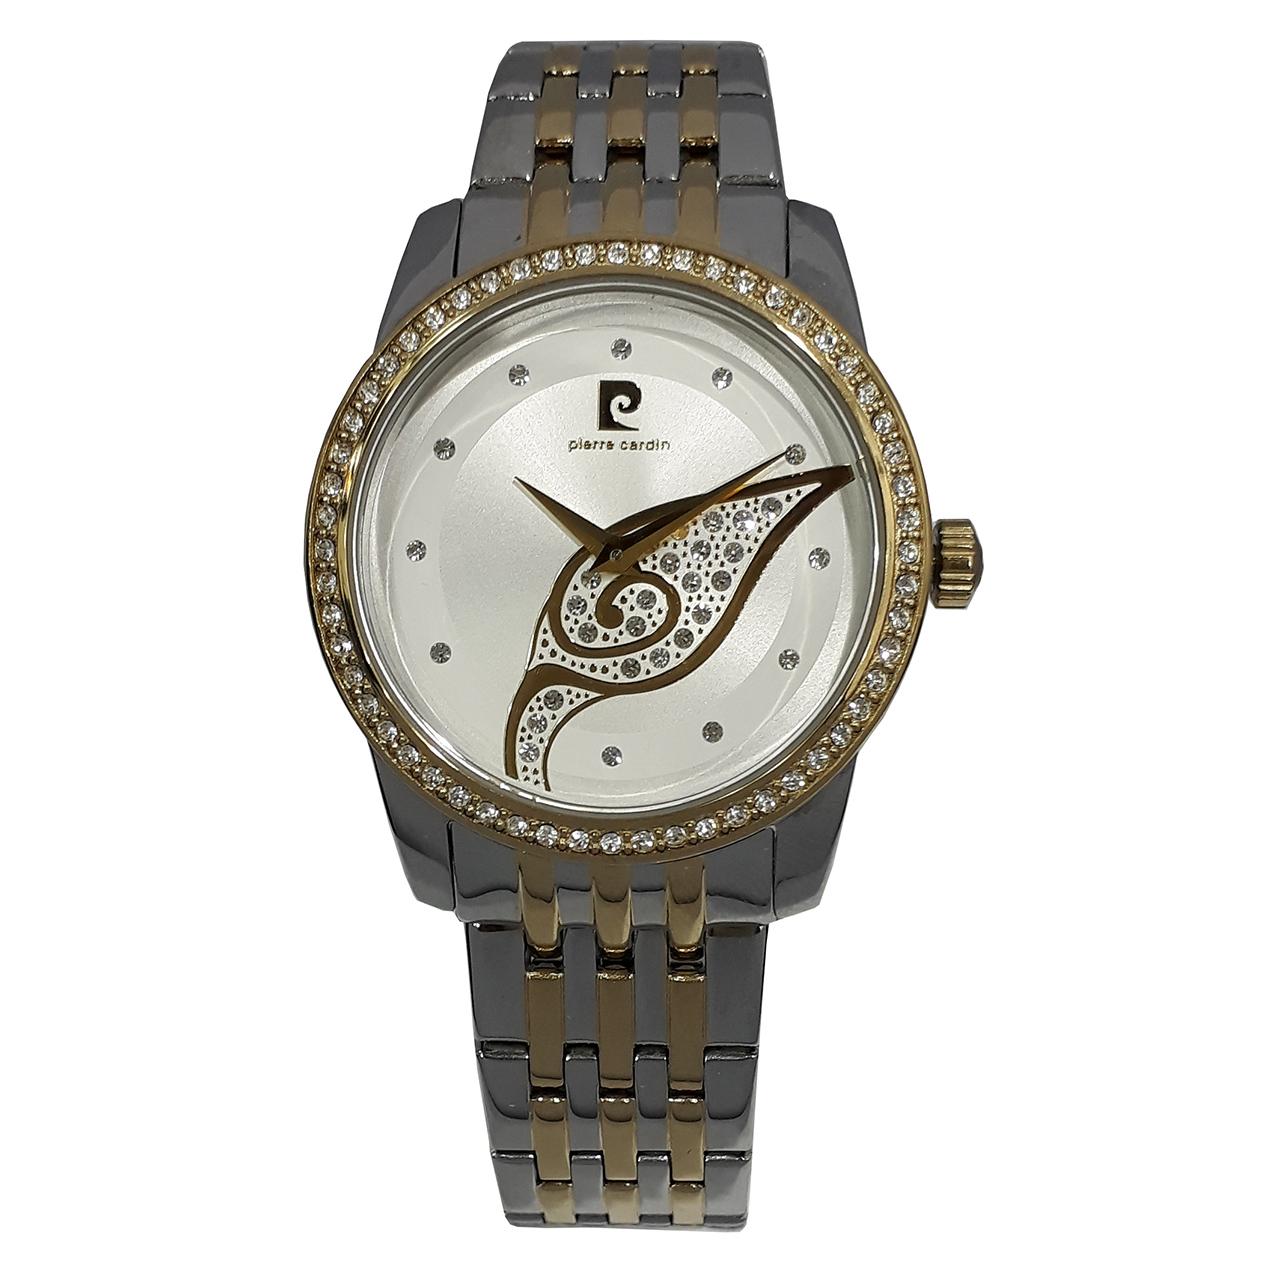 ساعت زنانه برند پیر کاردین مدل PC106172F20